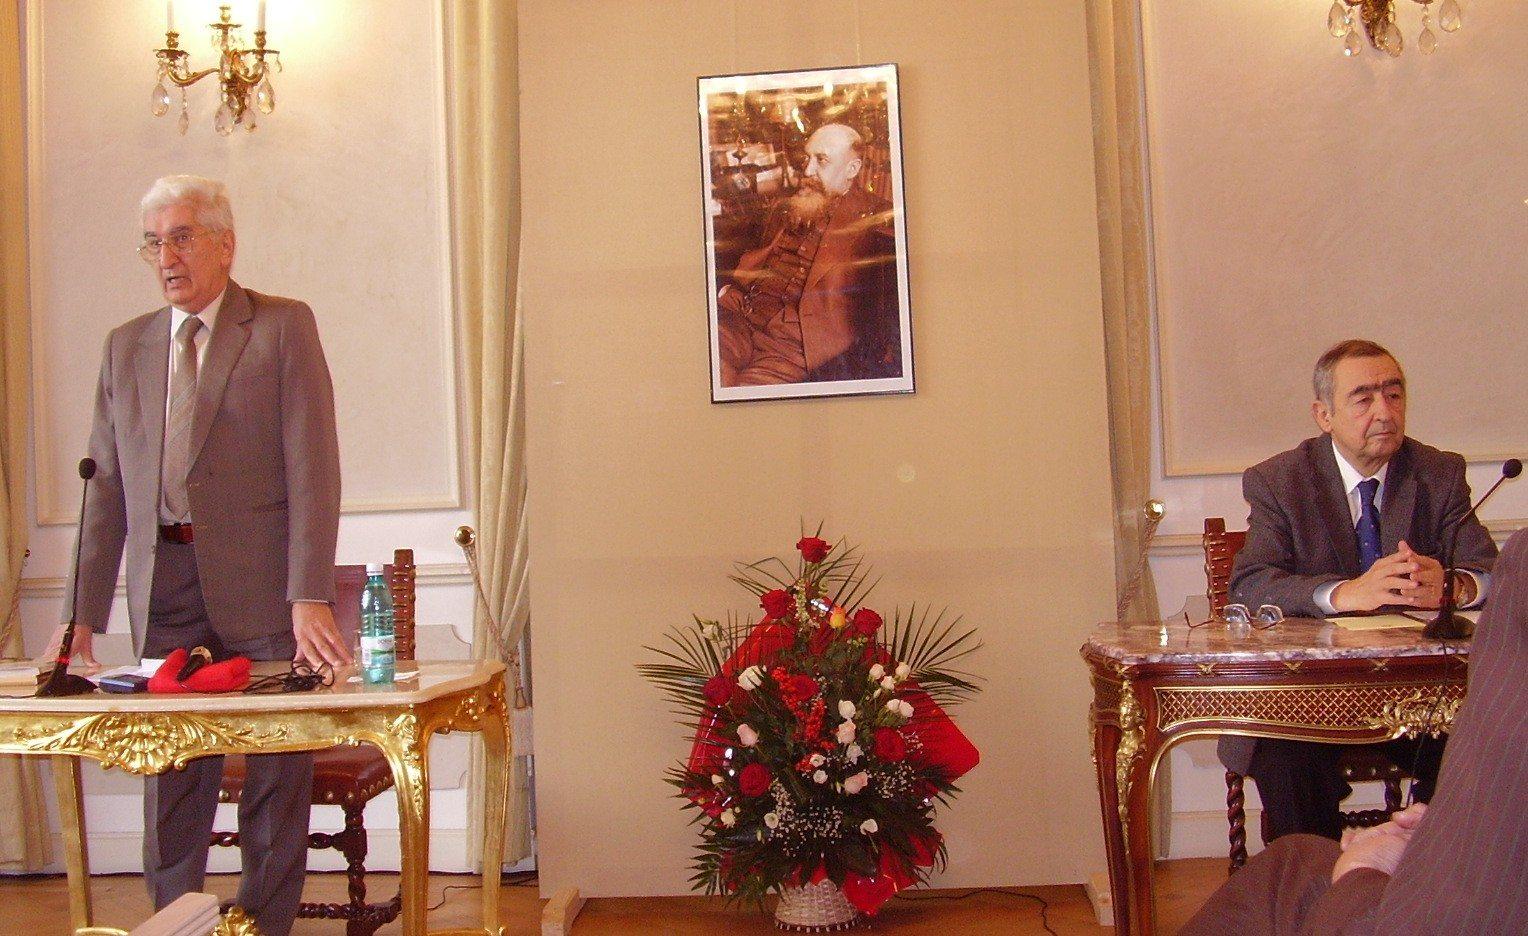 Comemorarea a 70 de ani de la moartea lui Iorga. Spirit universal şi durată românească. Moştenirea geniului